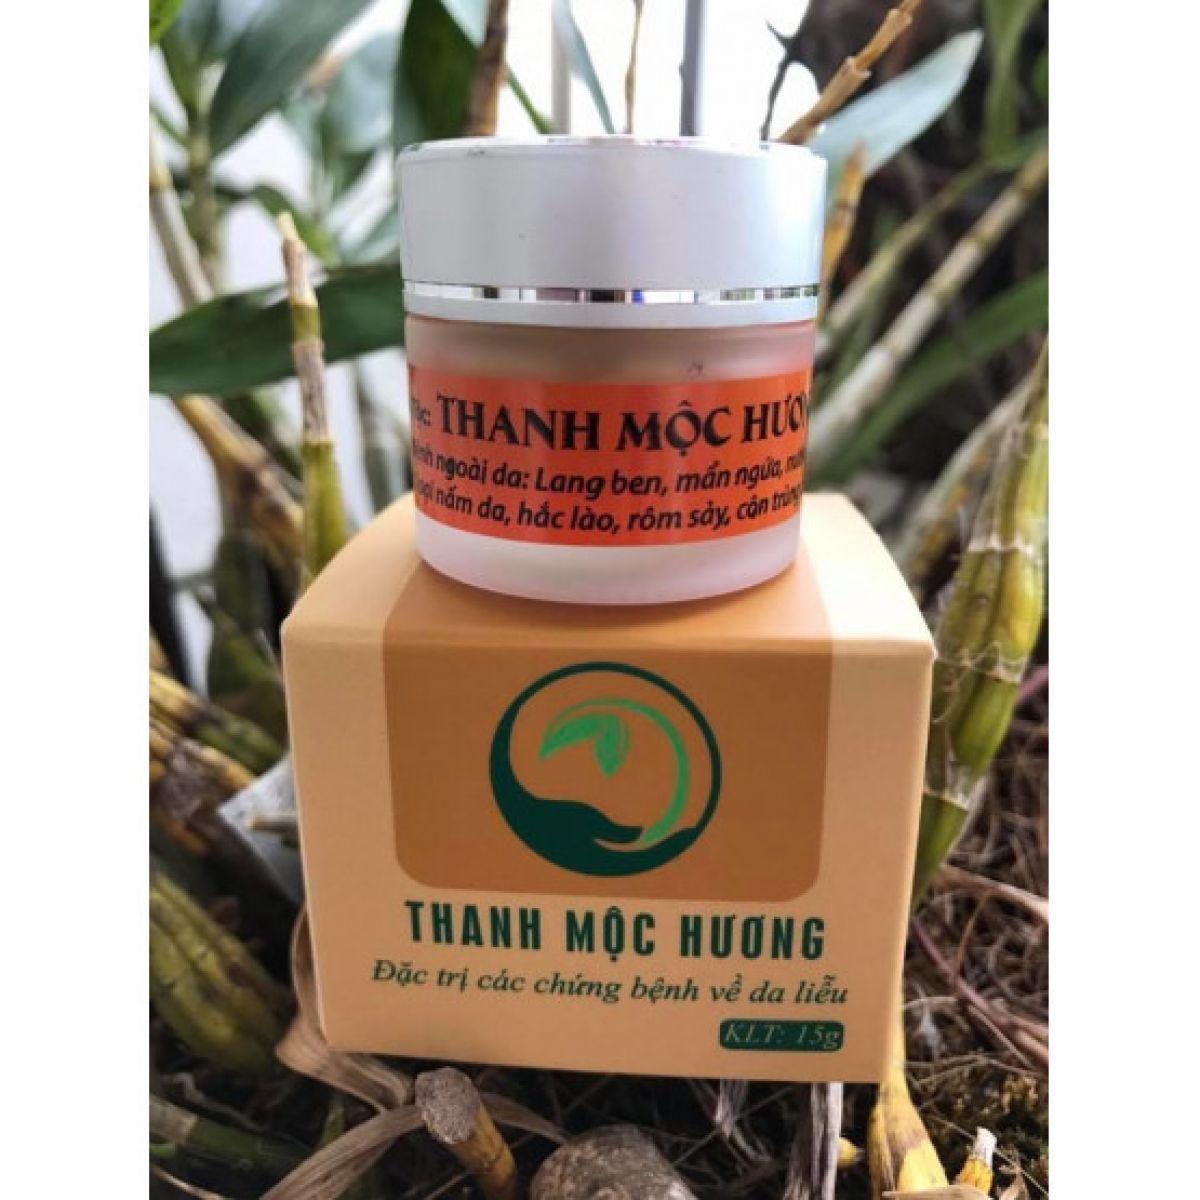 Hình ảnh Thanh Mộc Hương hỗ trợ điều trị bệnh da liễu, hắc lào, lang ben, nấm, nước ăn chân tay, chàm